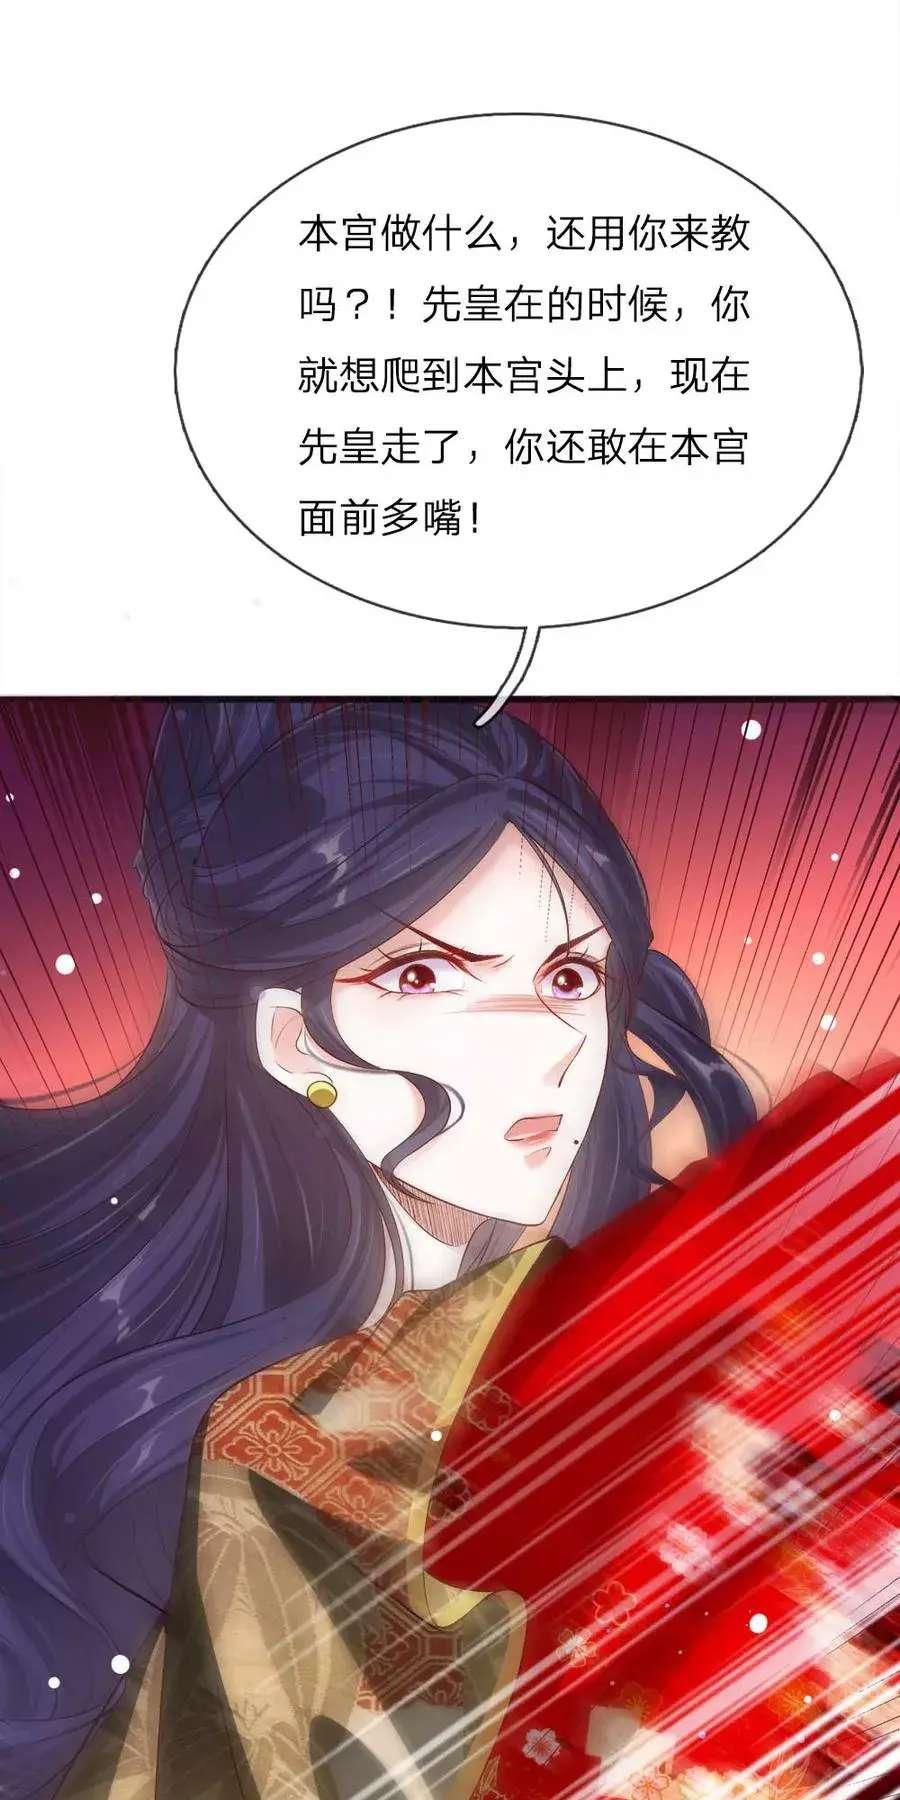 温柔暴君:摄政王爷太凶猛第17话  第17话 后母们的茶会 第 8